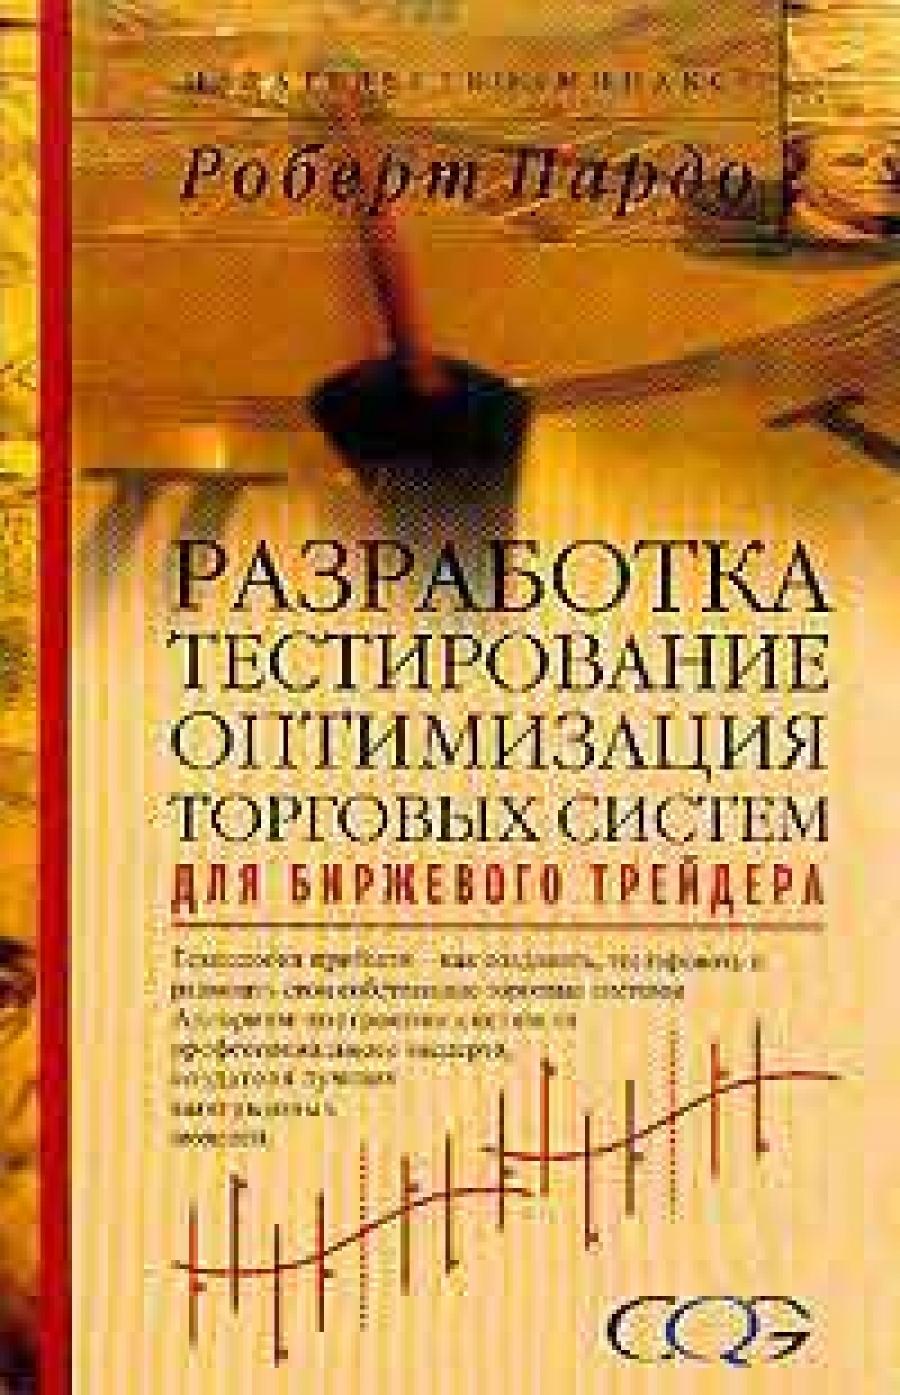 Обложка книги:  роберт пардо - разработка,оптимизация торговых систем для биржевого трейдера